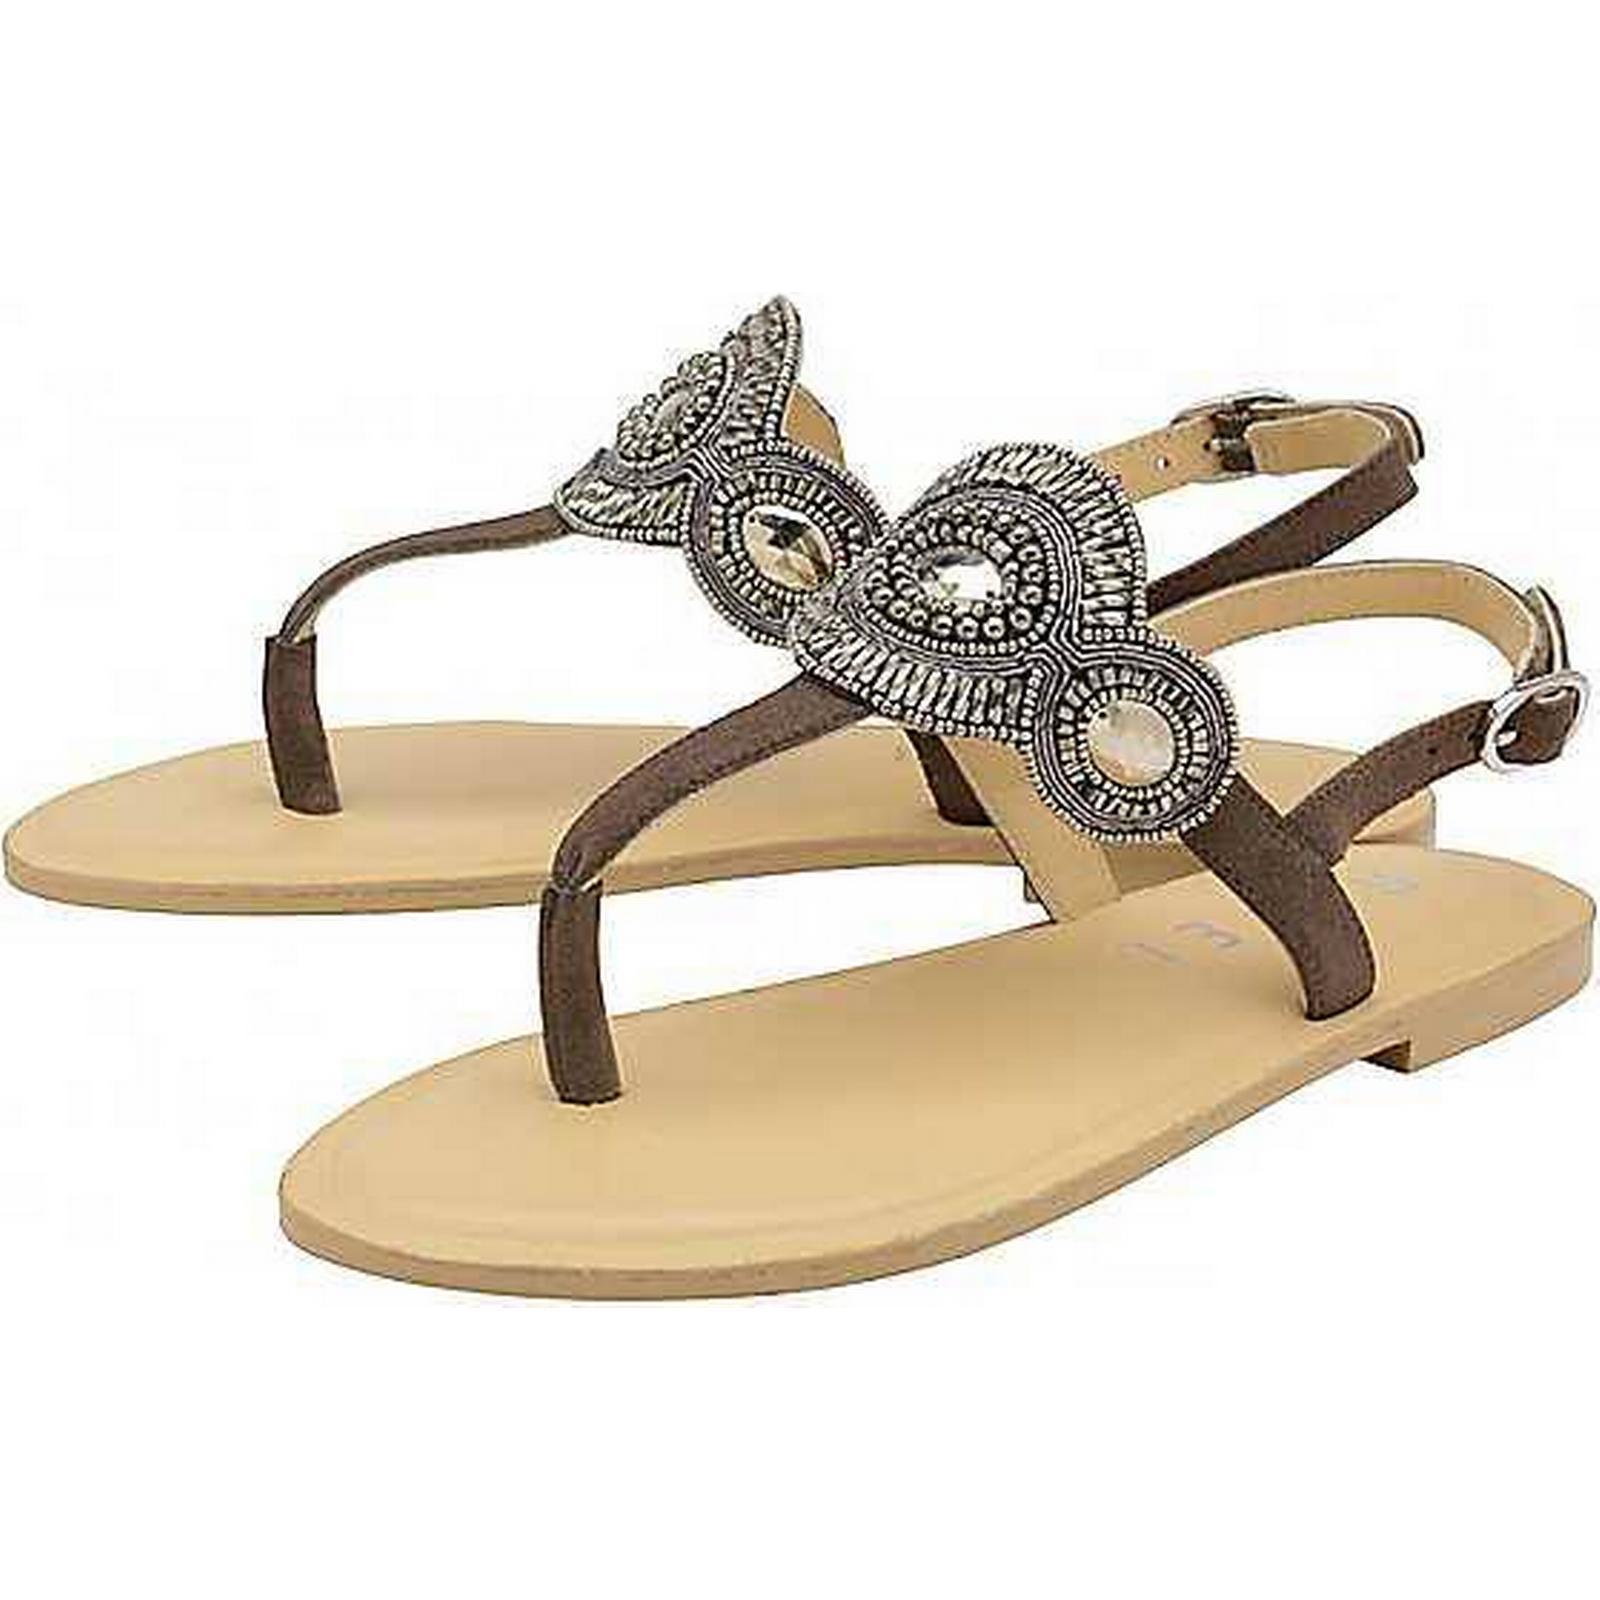 Ravel Embellished Post Toe Post Embellished Sandals by Ravel 986ee4